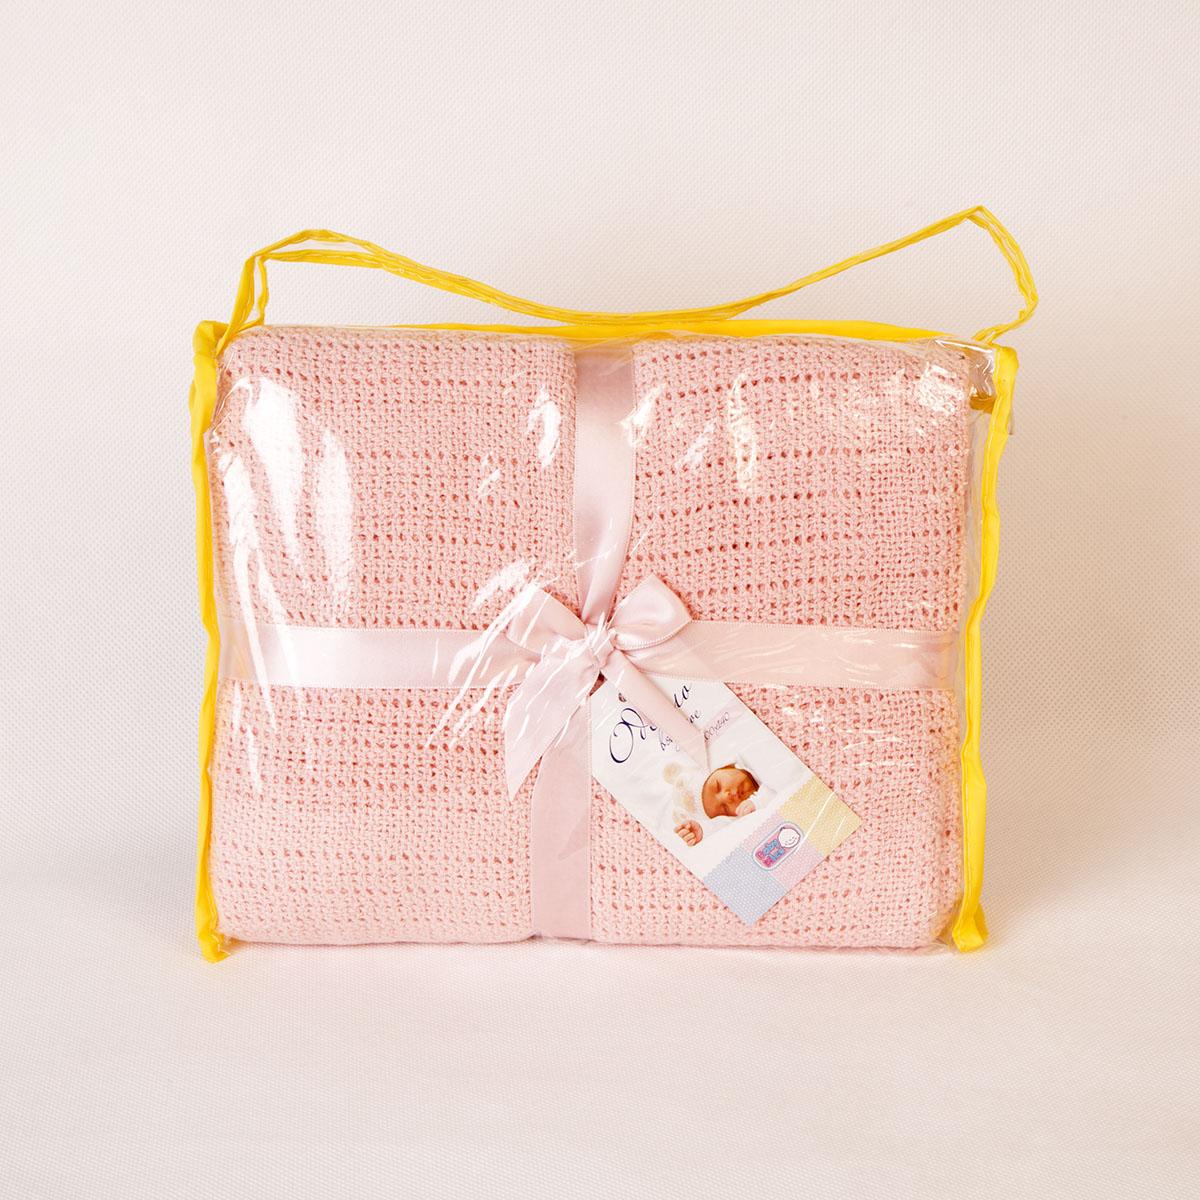 Одеяло Baby Nice детское вязанное 90х120 В ассортименте (голубой, розовый, желтый) (Baby nice)